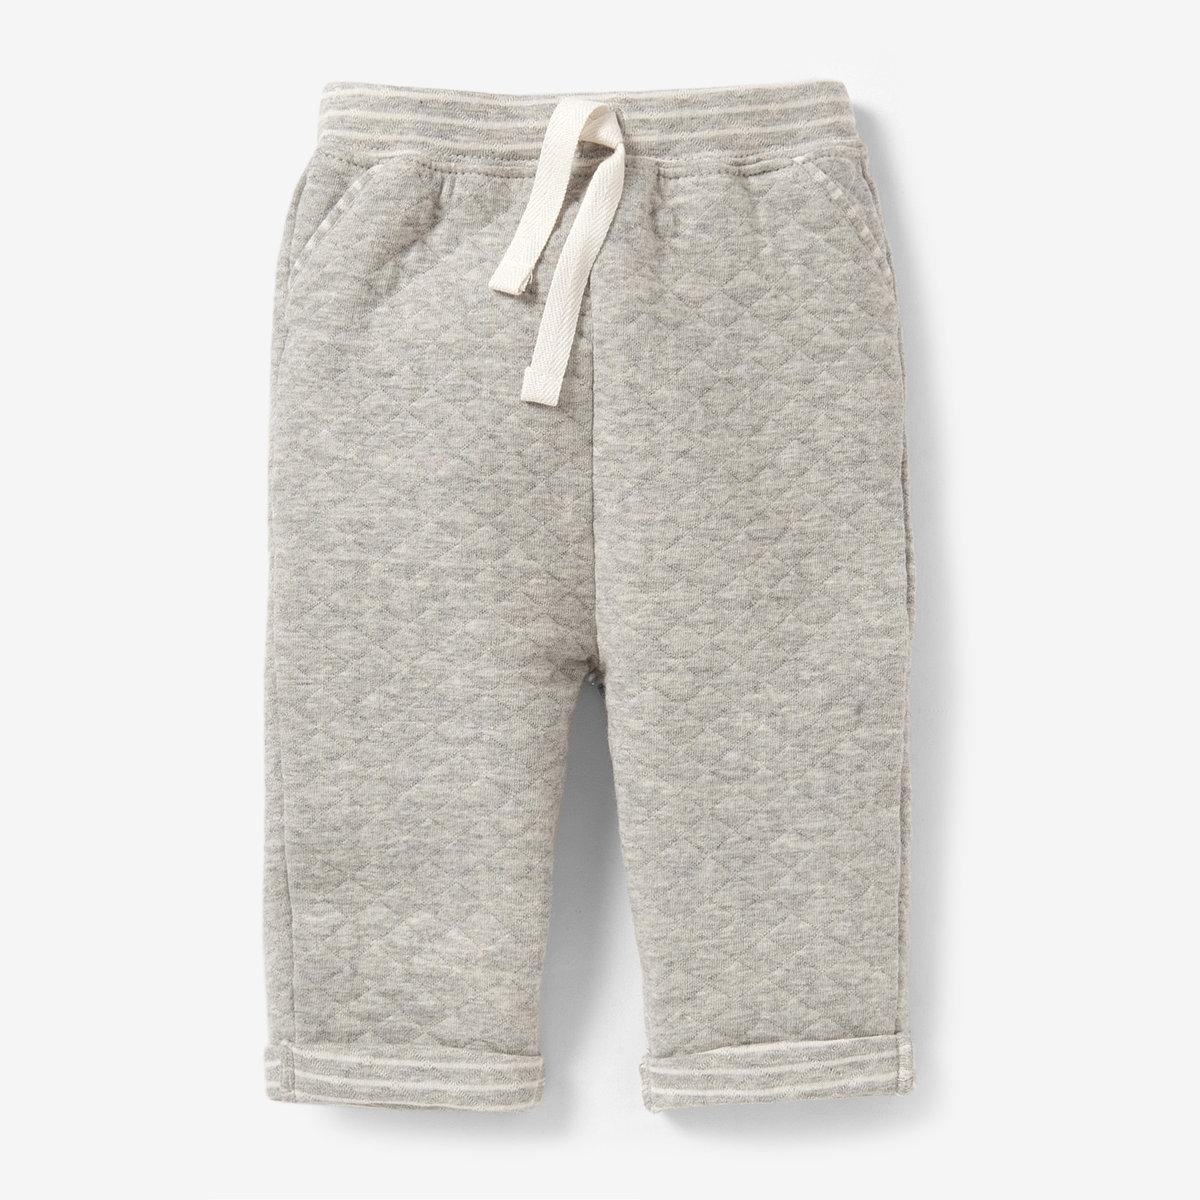 Спортивные брюки, 0 месяцев-2 годаСпортивные брюки из фантазийного мольтона, 85% хлопка, 15% полиэстера. Идеальны для вашего маленького непоседы, не сковывают в движении. Эластичный пояс с завязками. 2 ложных кармана спереди . Низ брючин с отворотами.<br><br>Цвет: белый/серый меланж<br>Размер: 0 мес. - 50 см.1 мес. - 54 см.3 мес. - 60 см.9 мес. - 71 см.1 год - 74 см.18 мес. - 81 см